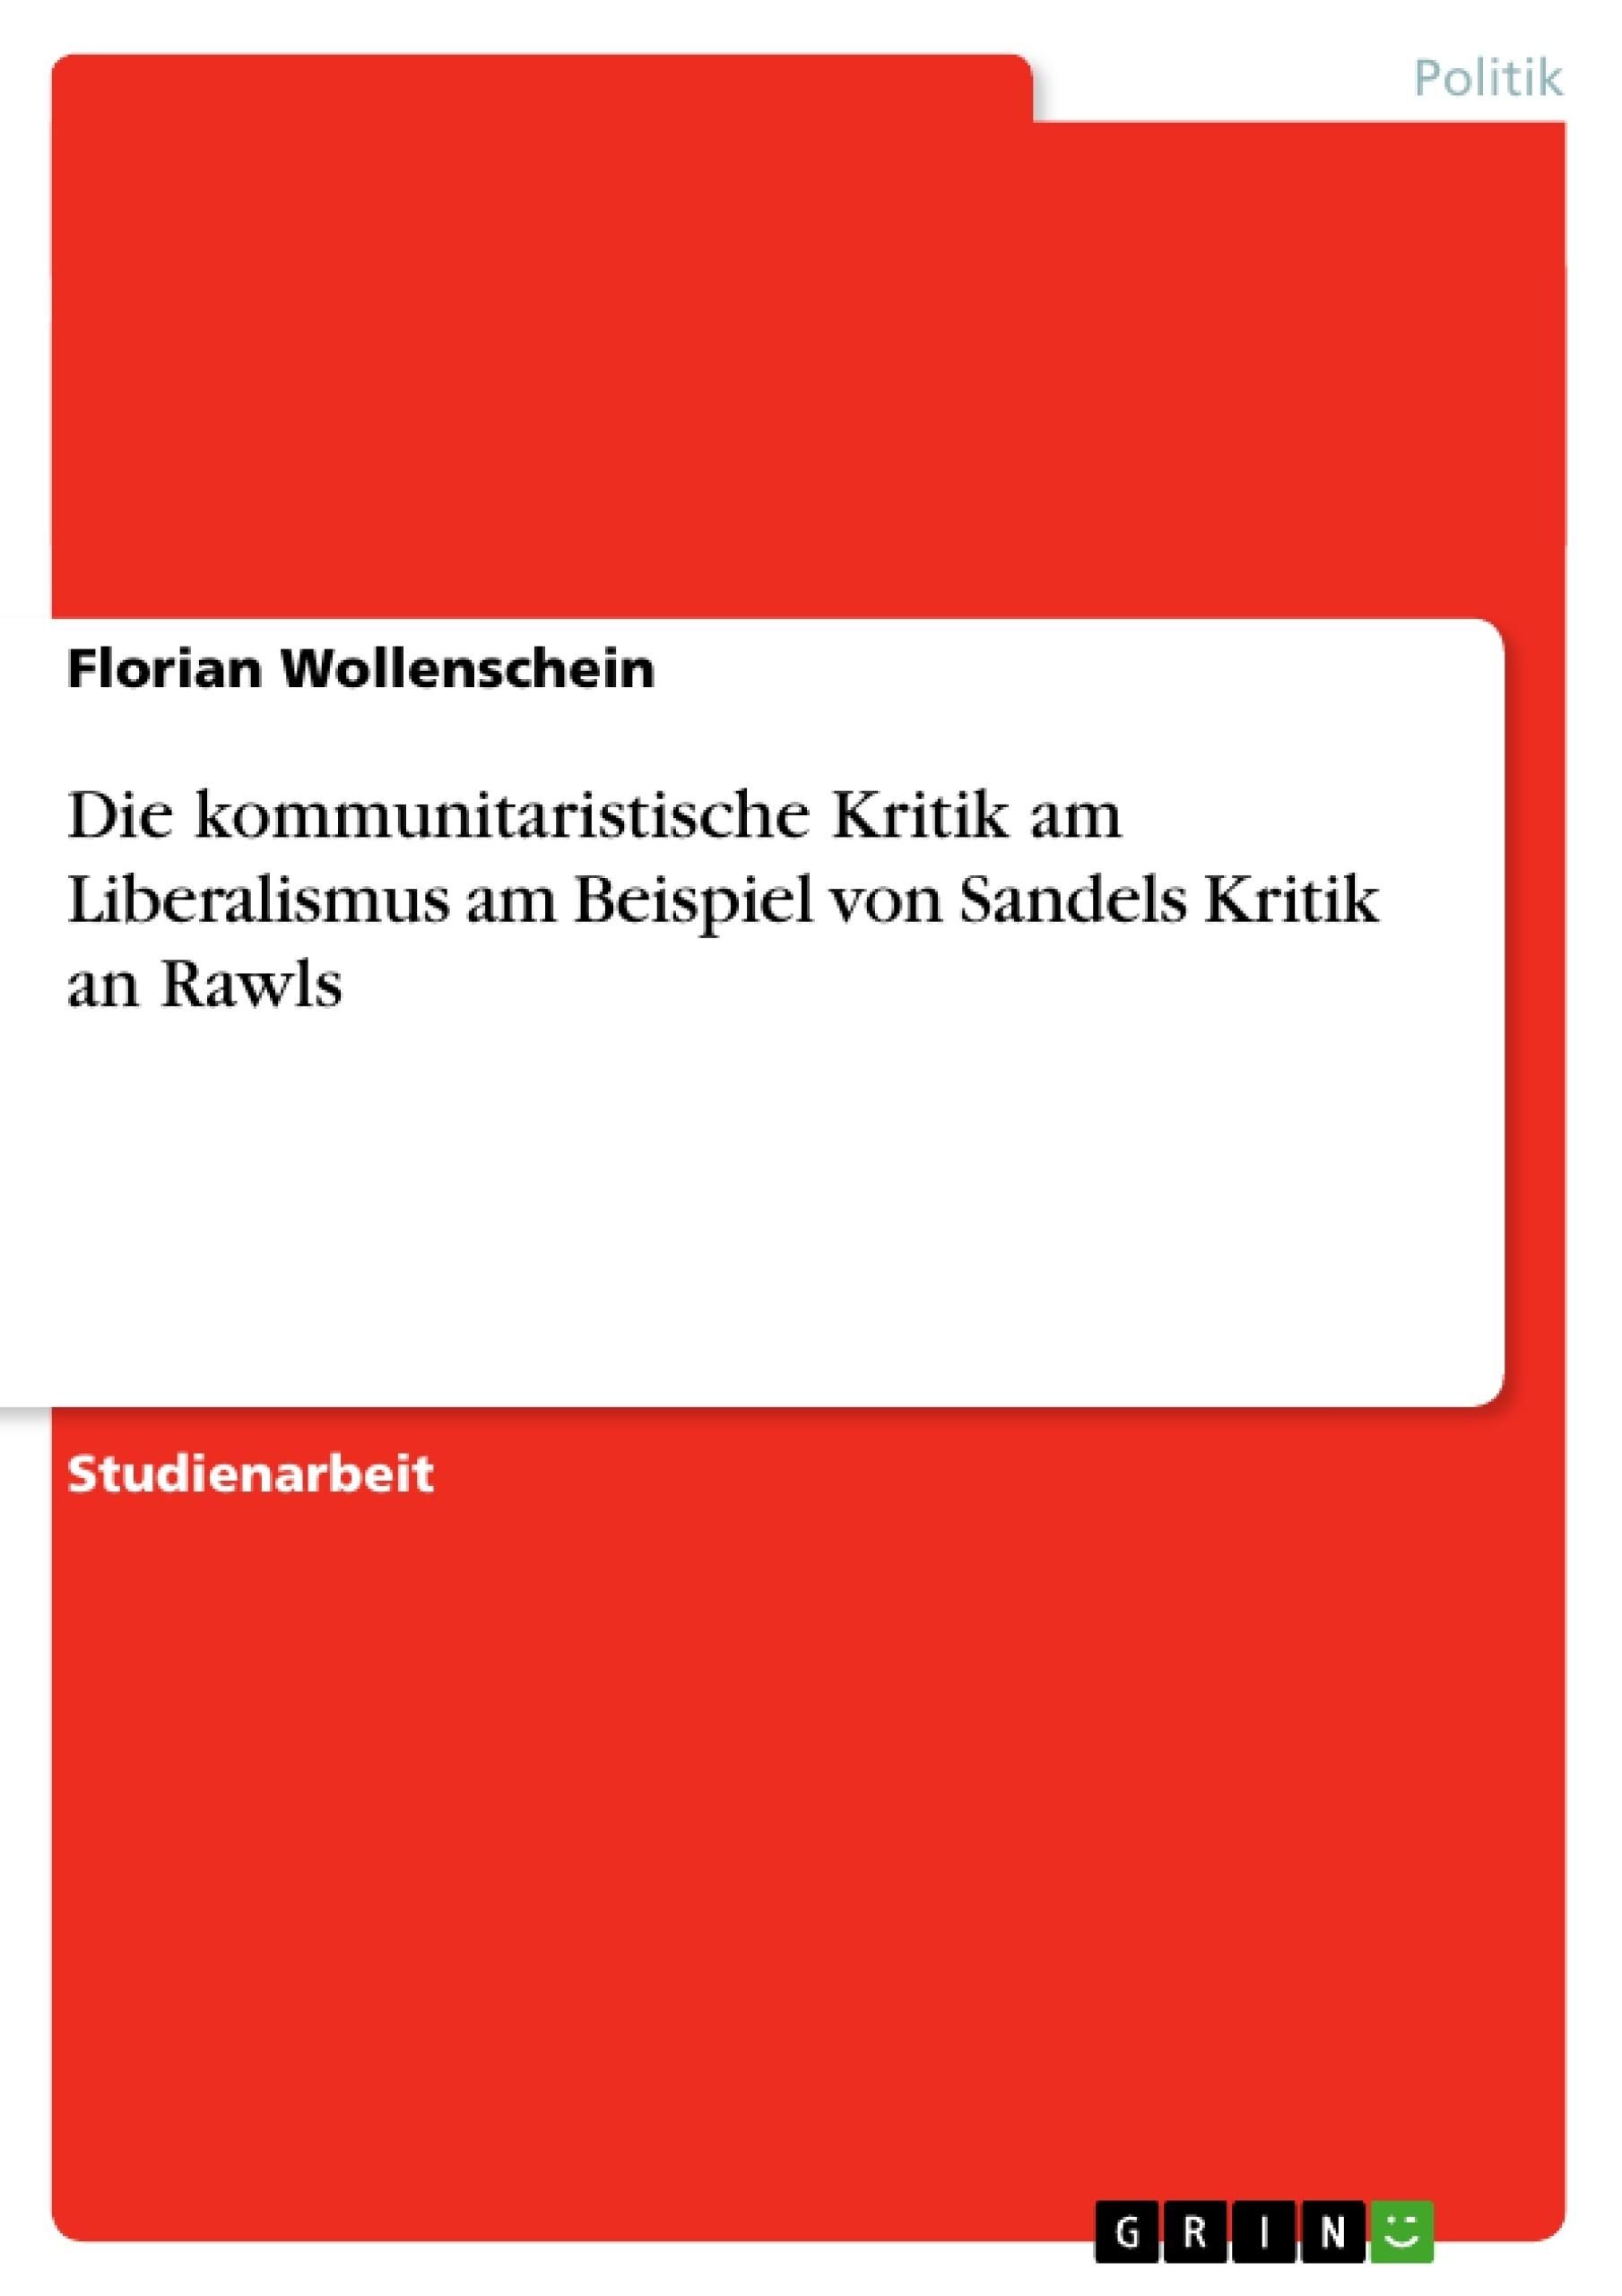 Titel: Die kommunitaristische Kritik am Liberalismus am Beispiel von Sandels Kritik an Rawls